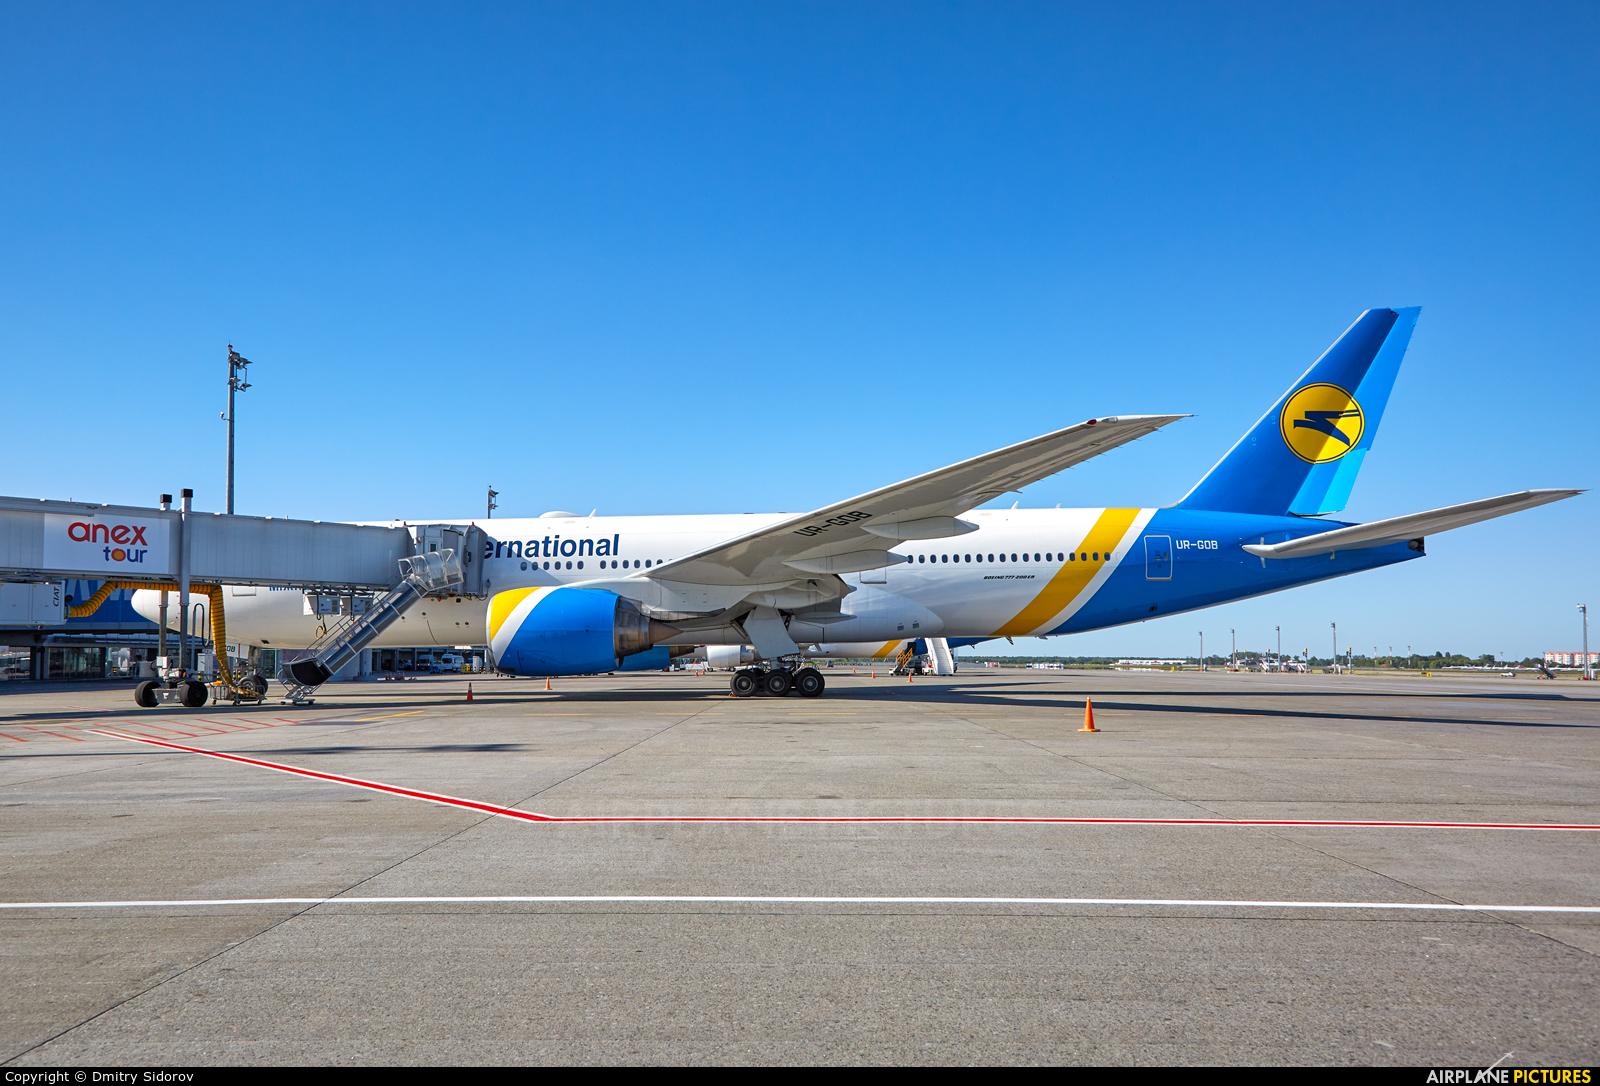 Ukraine International Airlines UR-GOB aircraft at Kiev - Borispol